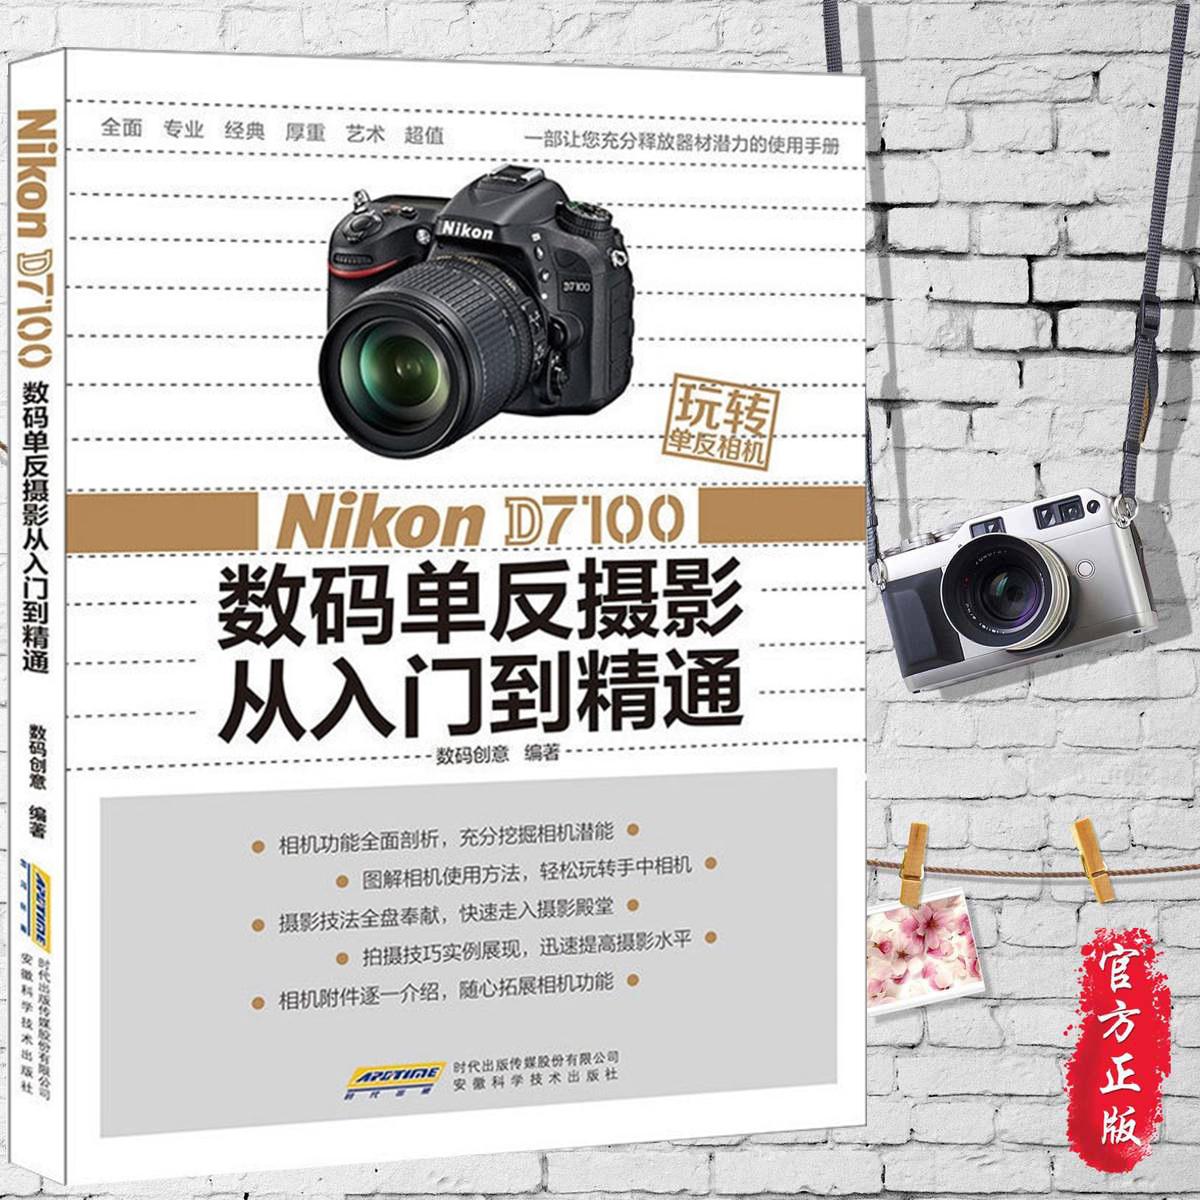 玩转单反相机――尼康Nikon D7100数码单反摄影从入门到精通 佳能摄影器材拍摄教程 数码创意实拍 拍照实用技巧大全书籍